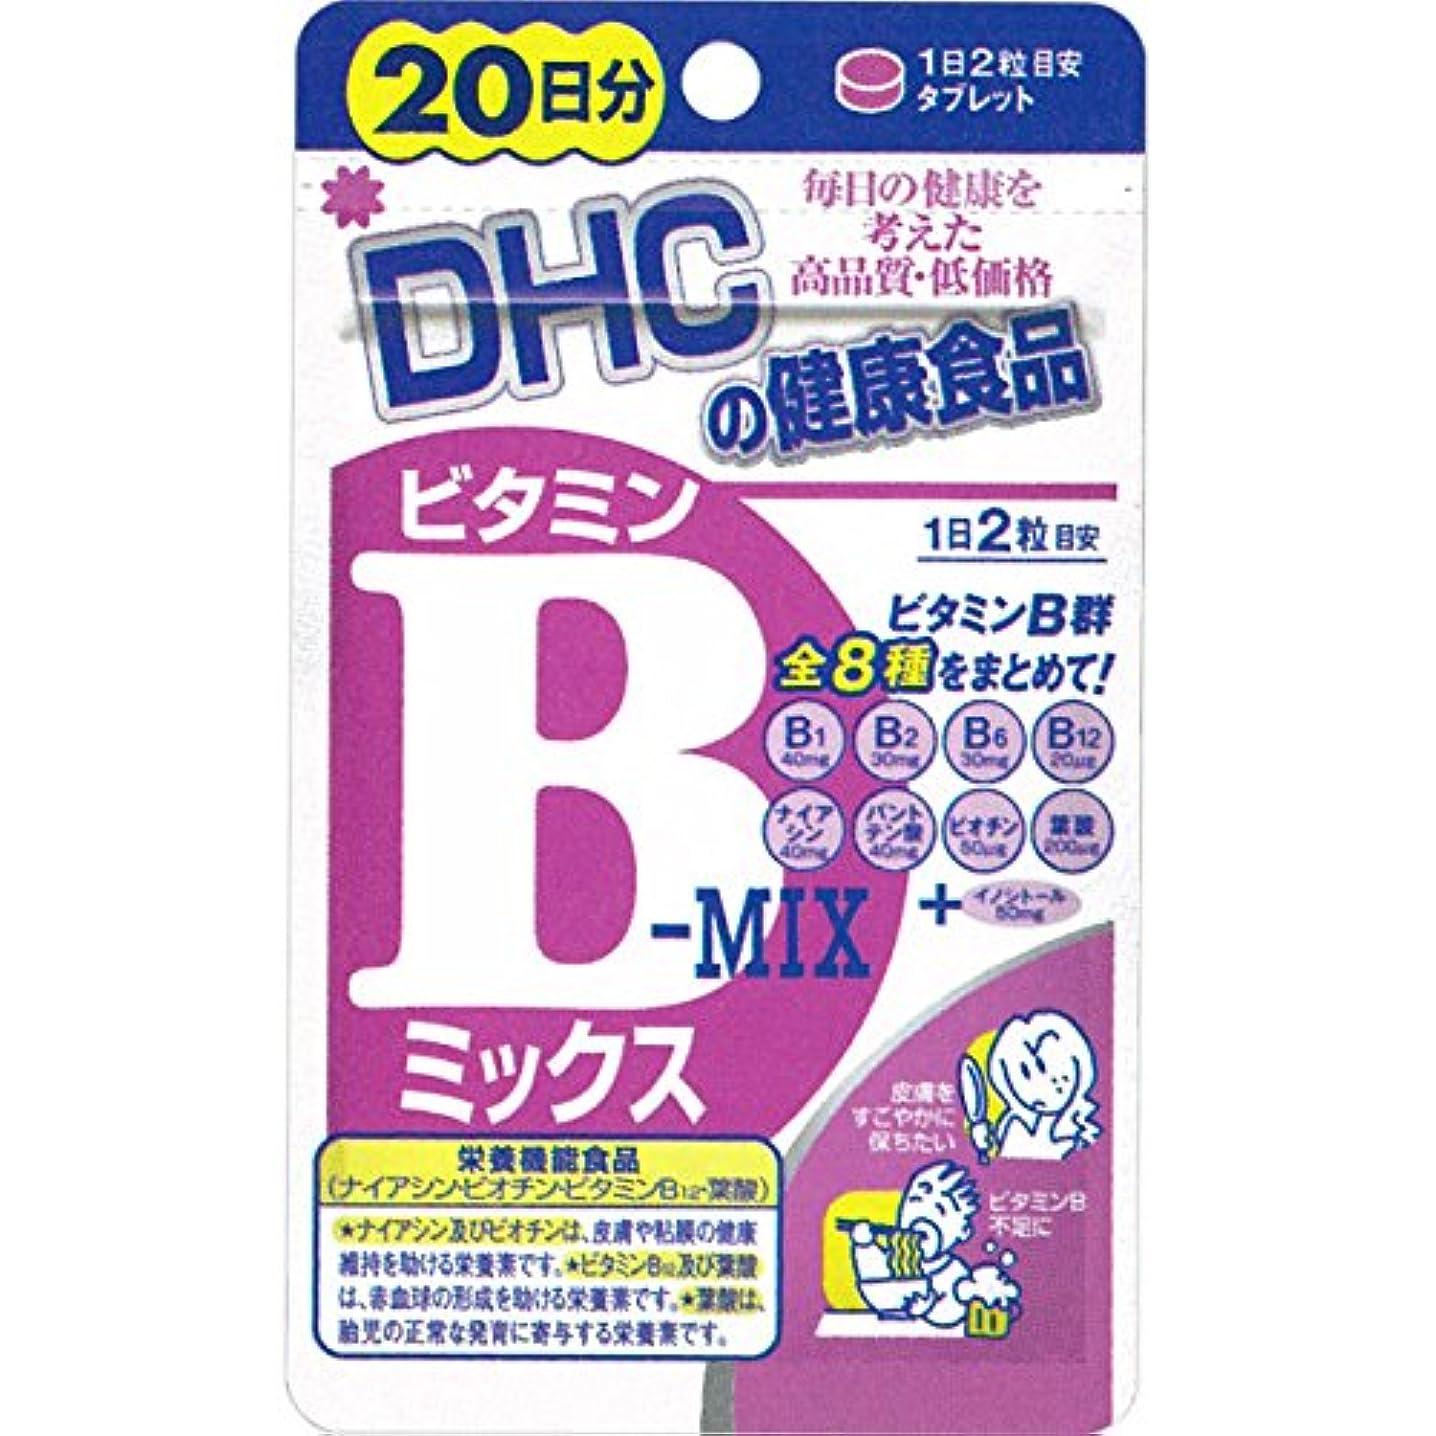 瀬戸際ラケット歌詞DHC(ディーエイチシー) サプリメント DHC ビタミンB MIX 20日分